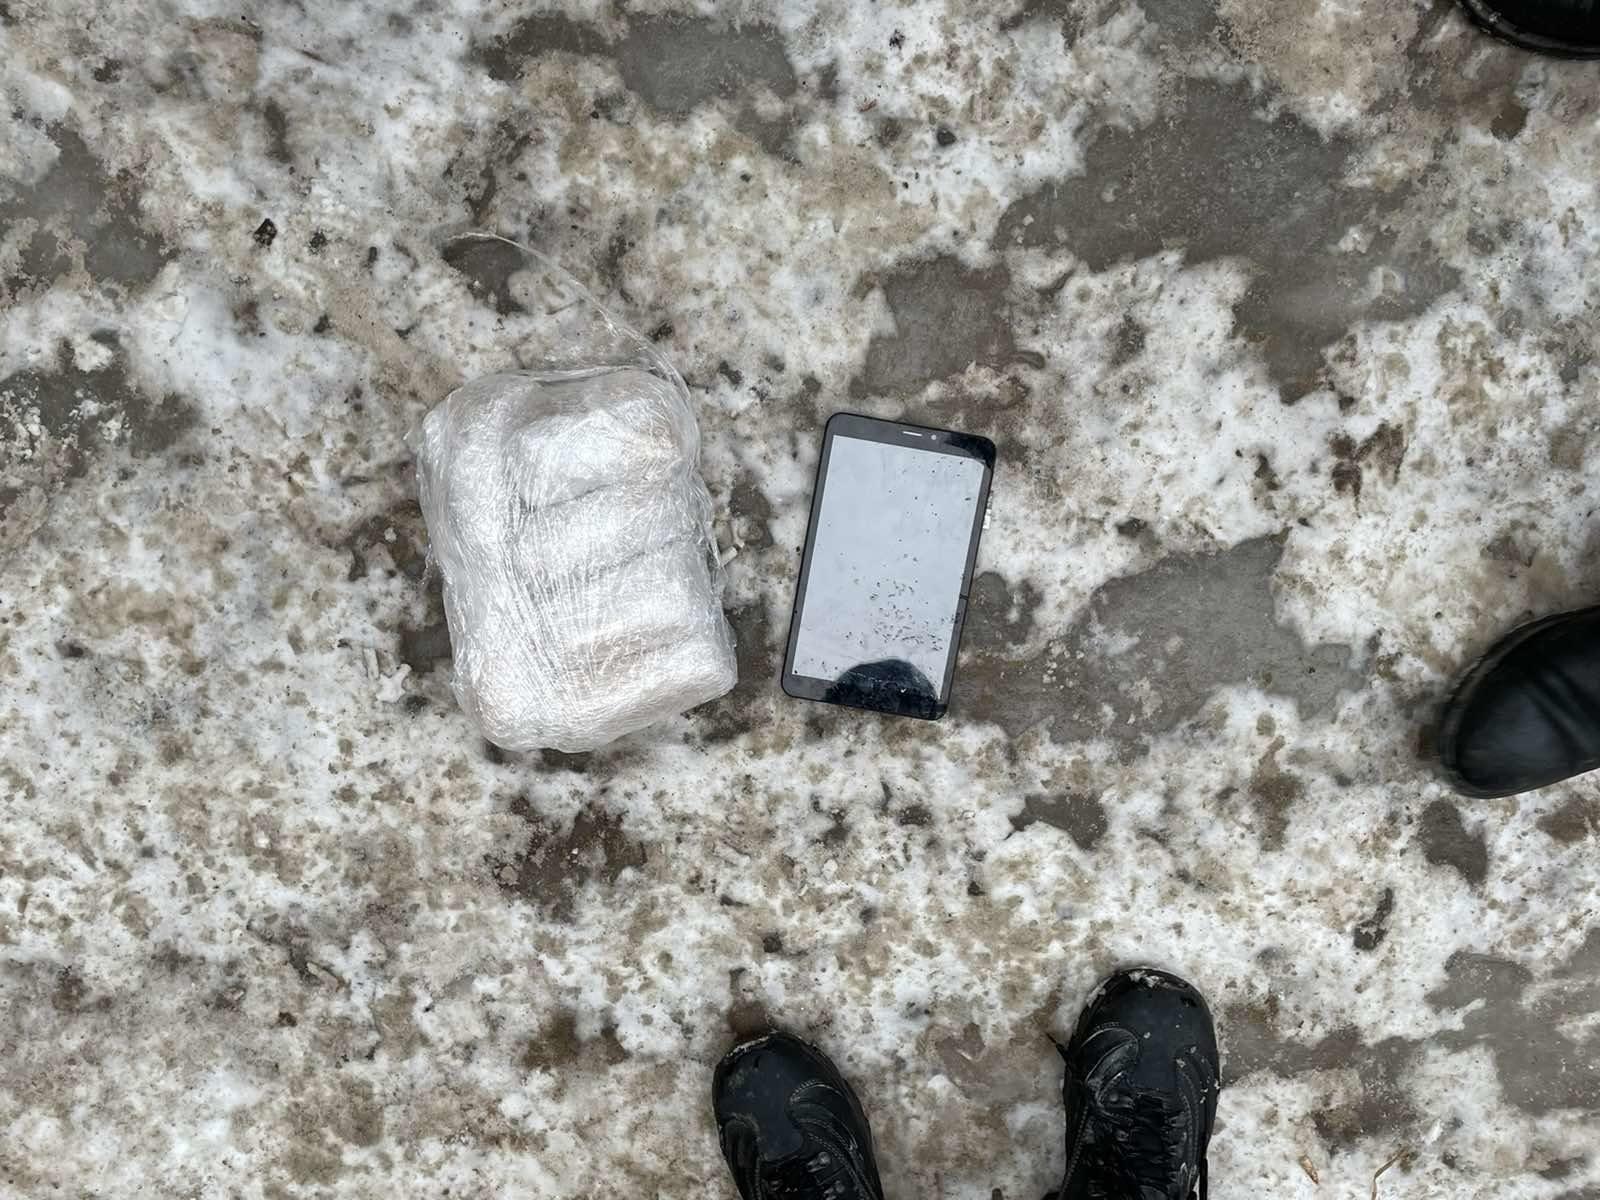 На улицах Тольятти задержан парень с килограммом героина